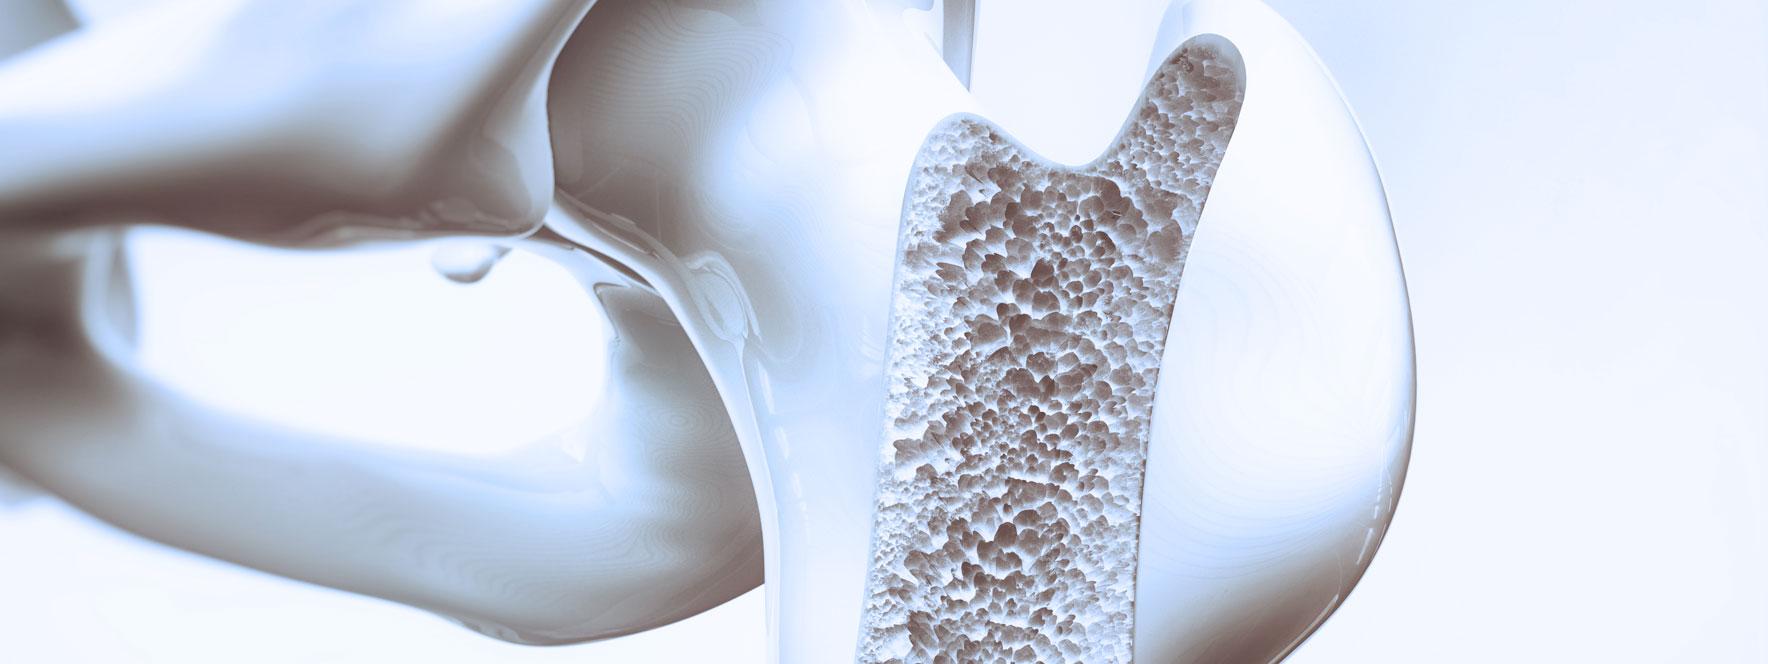 L'ostéoporose - Blogue du Réseau des massothérapeutes